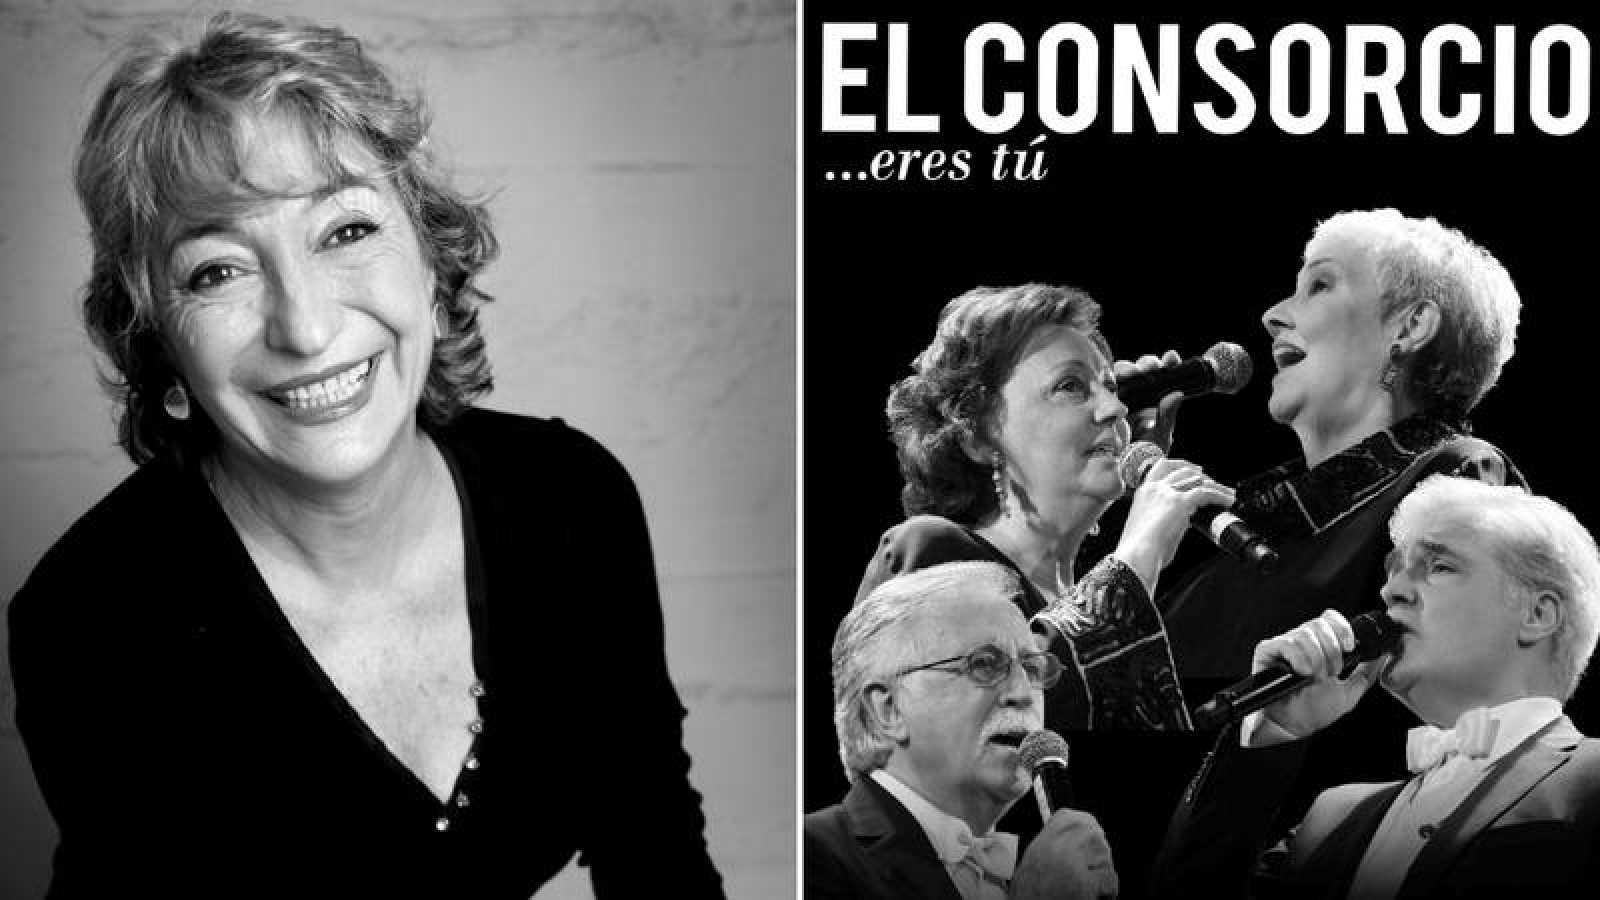 Luisa Gavasa y El Consorcio